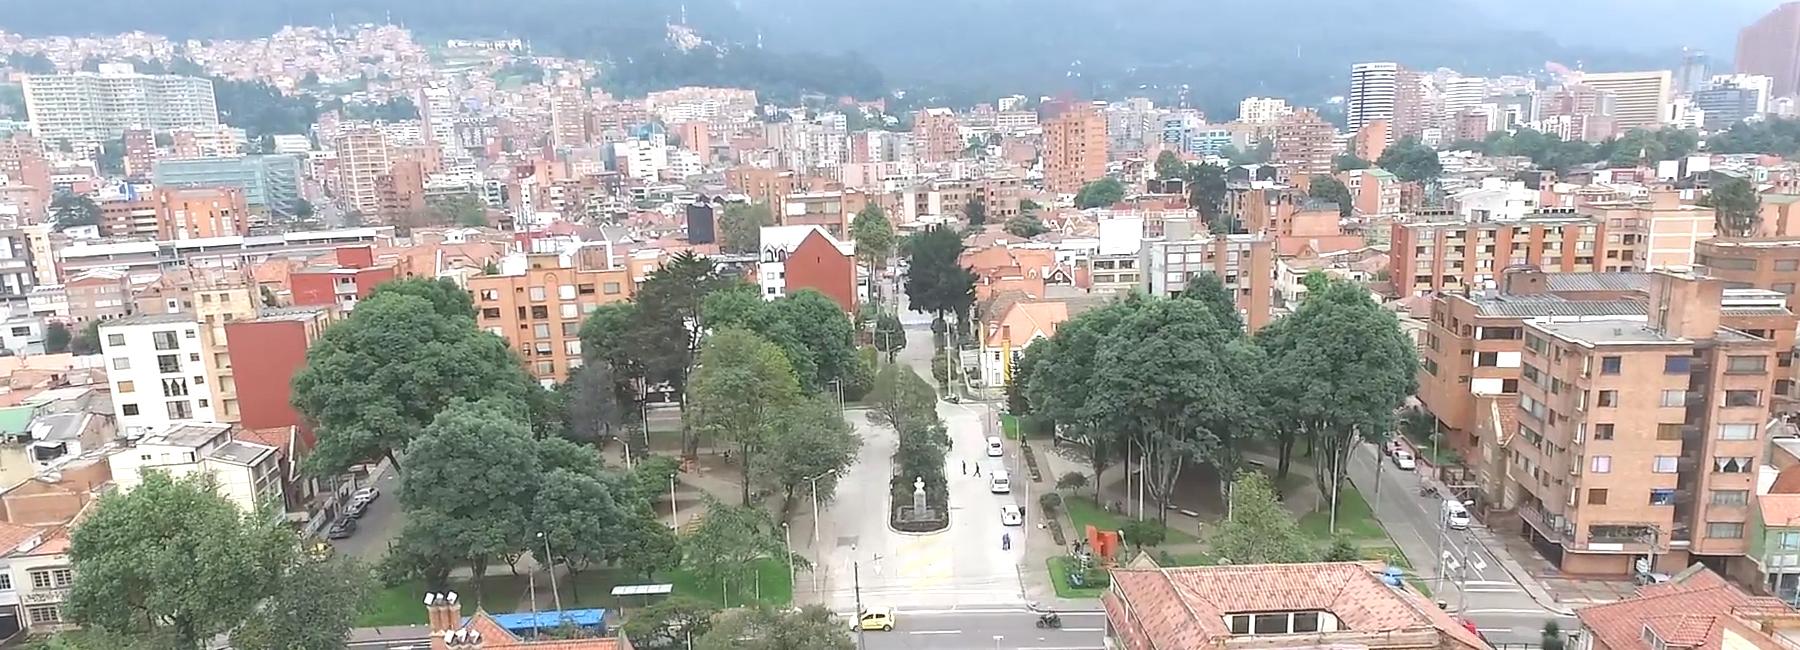 IDPC---PEMP-Teusquillo-barrios--aerofotografia-3